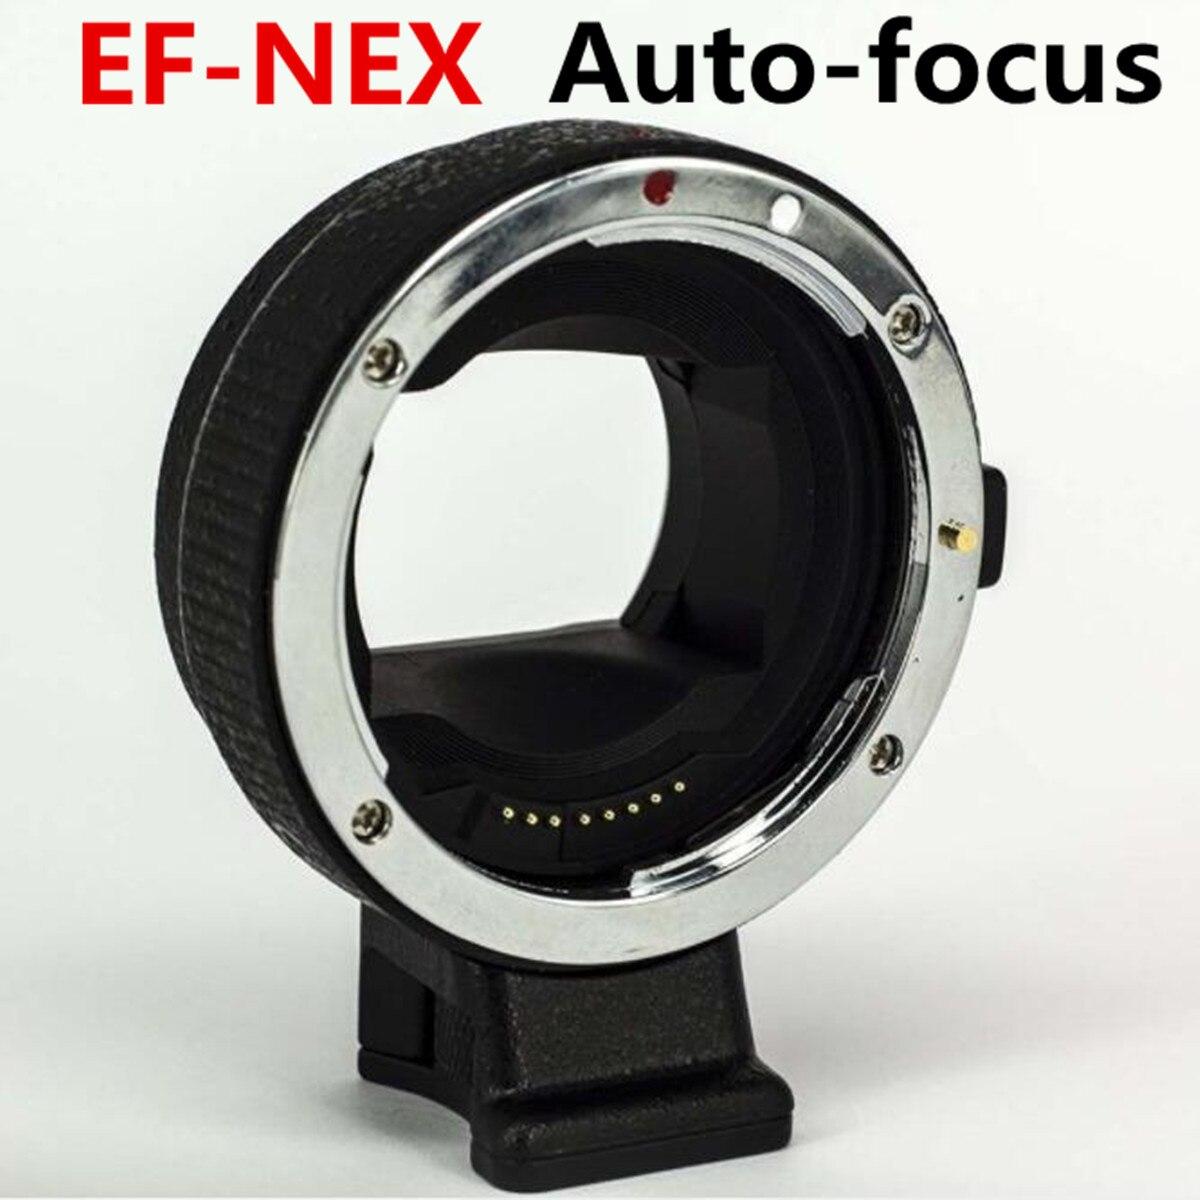 Adaptateur d'objectif Focu automatique de EF-NEX pour objectif de montage Canon EOS EF pour adaptateur Sony E NEX A7 A7R II caméra plein cadre